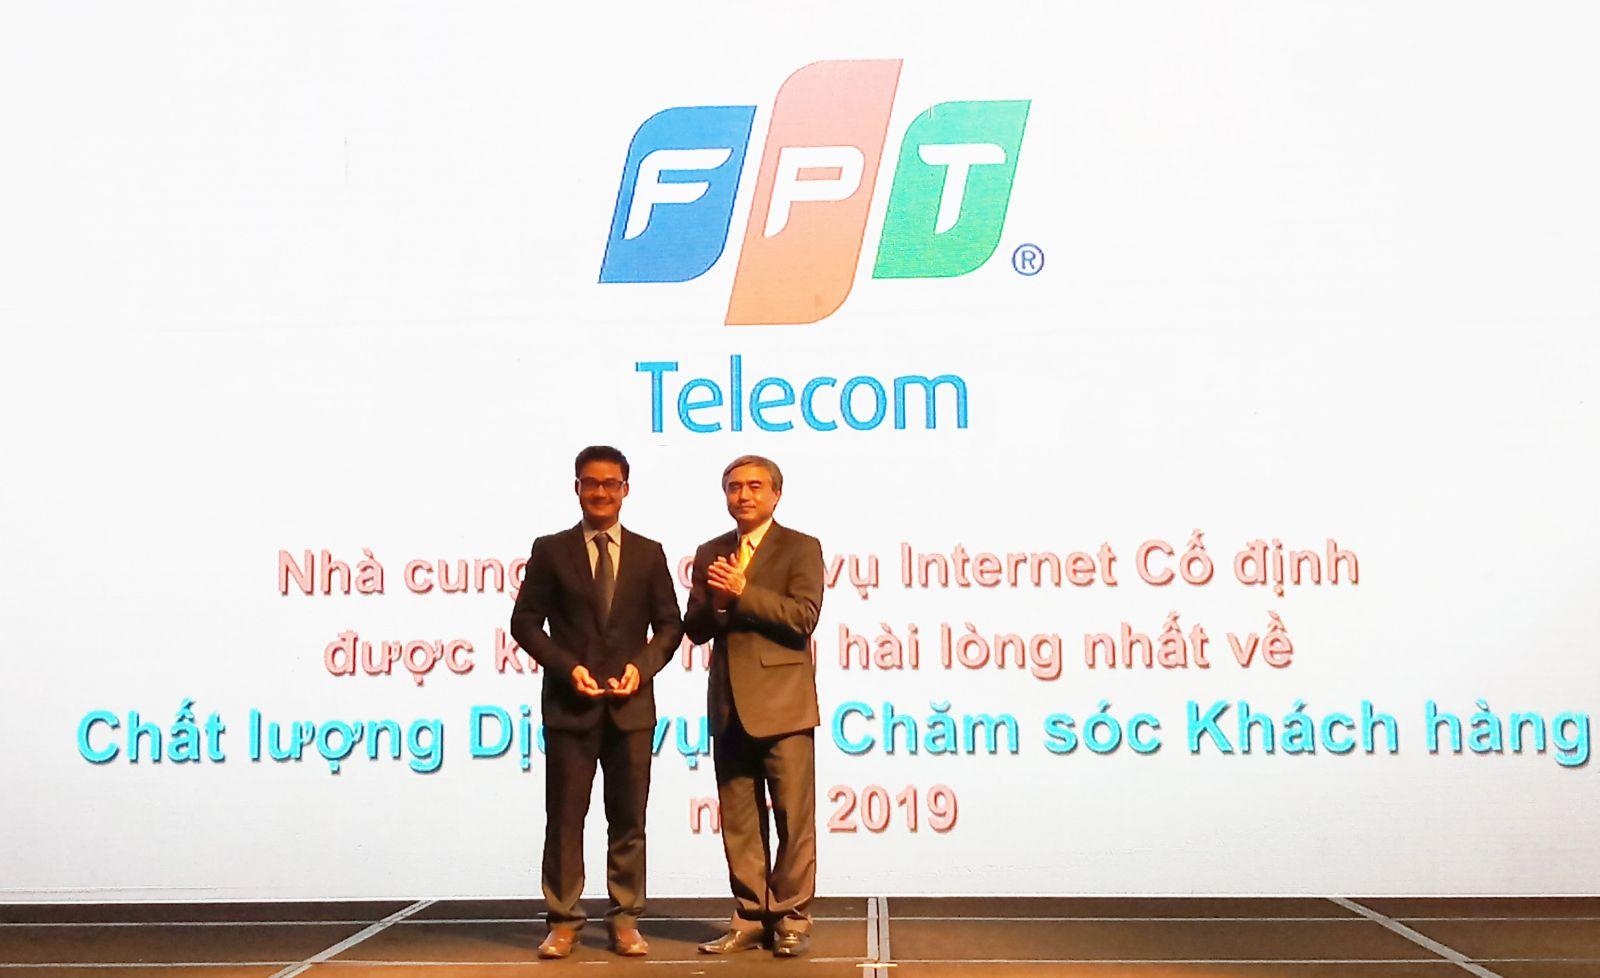 FPT Telecom nhận giải thưởng trong lĩnh vực Dịch vụ và Chăm sóc khách hàng